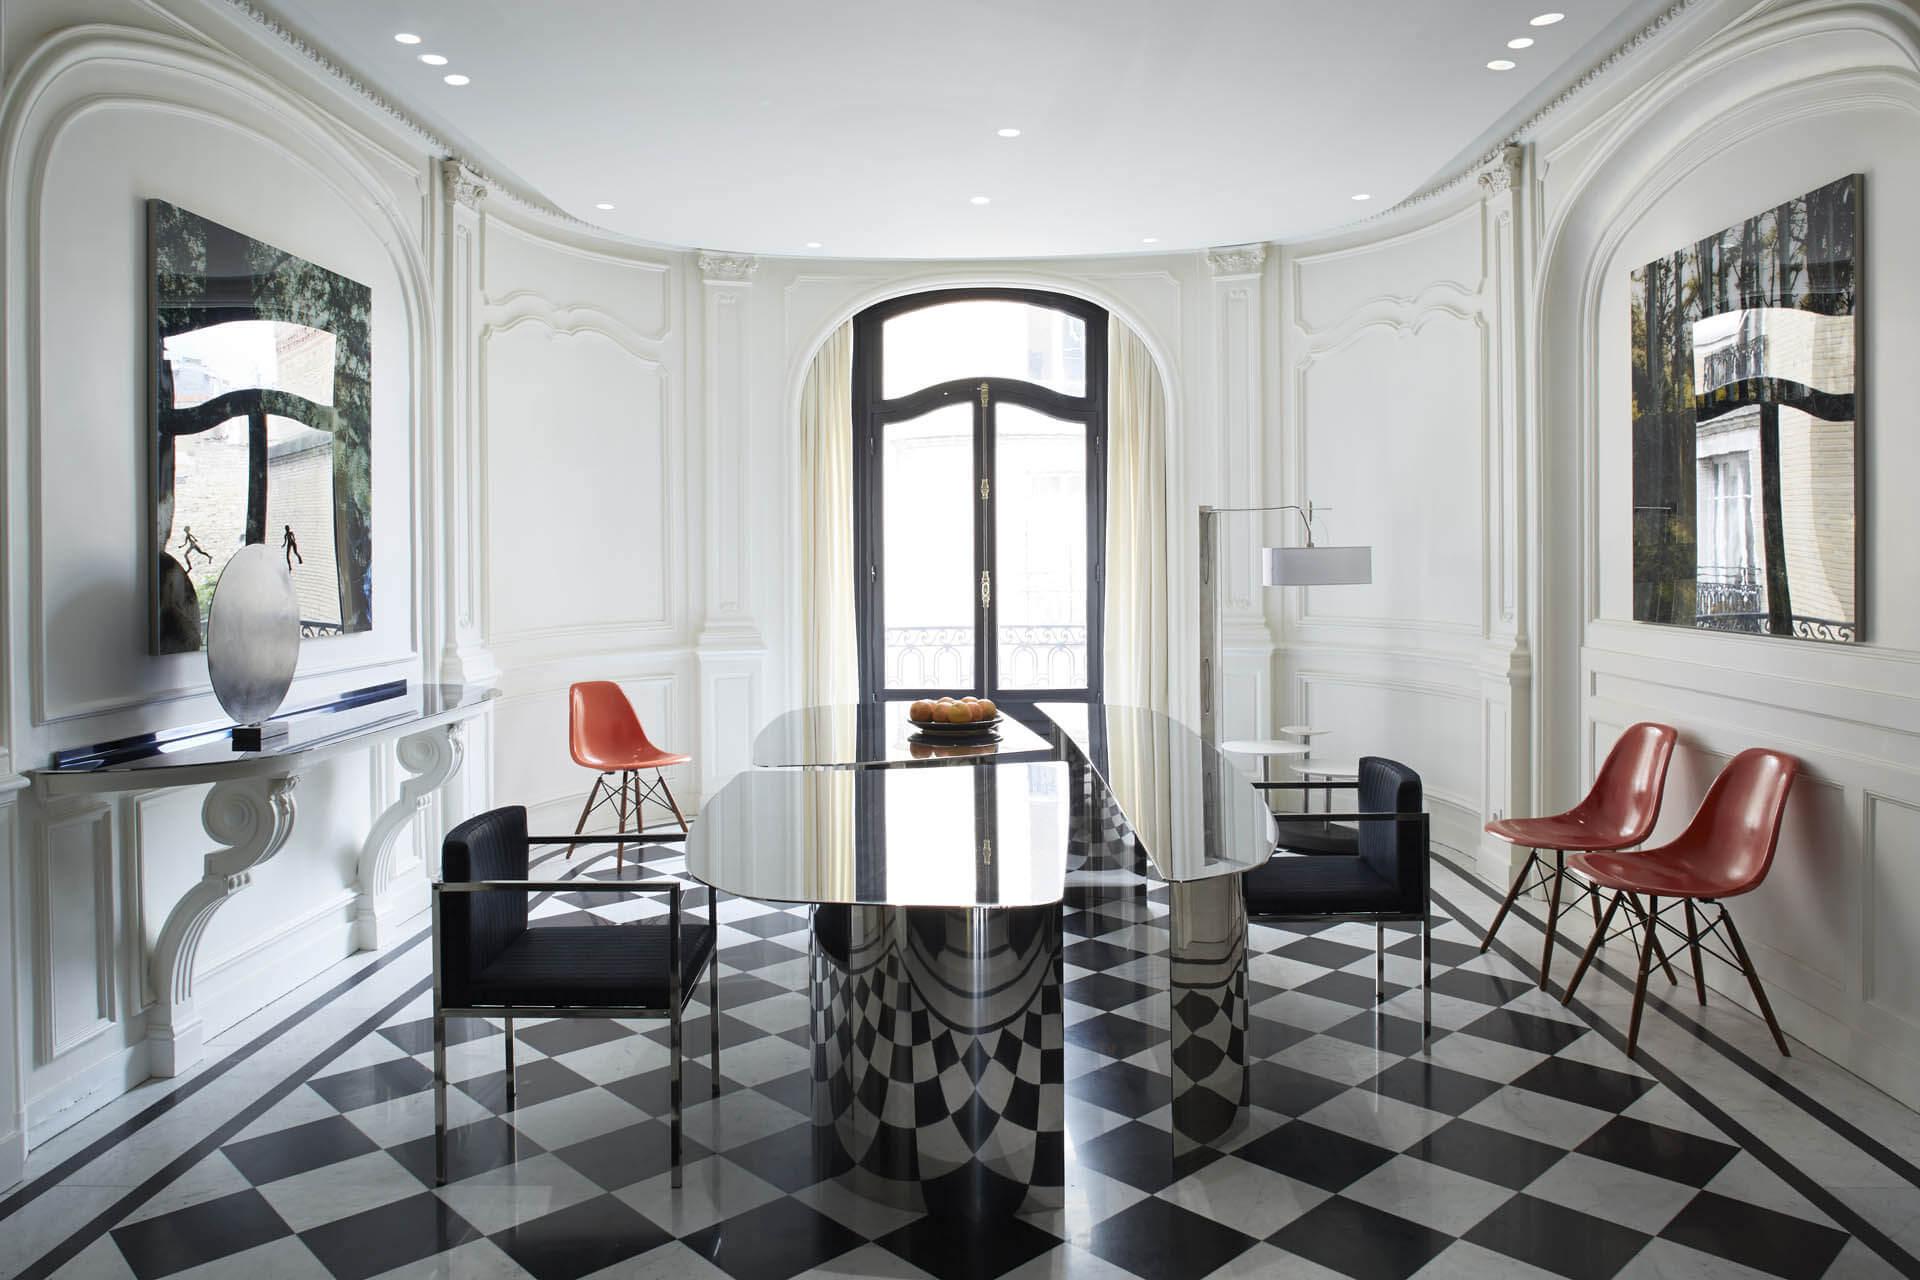 Phong cách thiết kế nội thất Parian